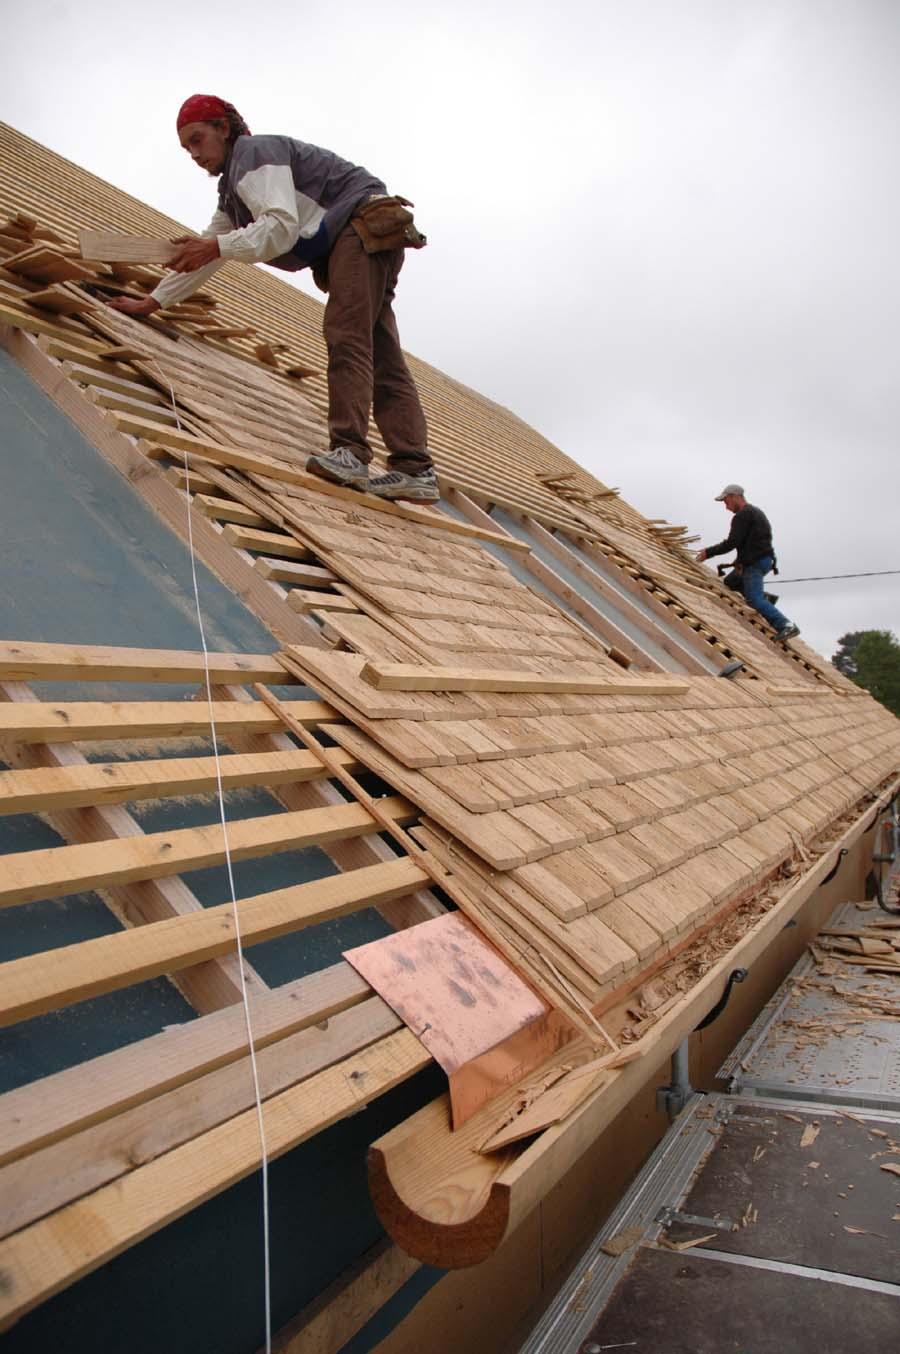 Comment Poser Des Ardoises pose d'une toiture en bardeaux de bois - maisoneco